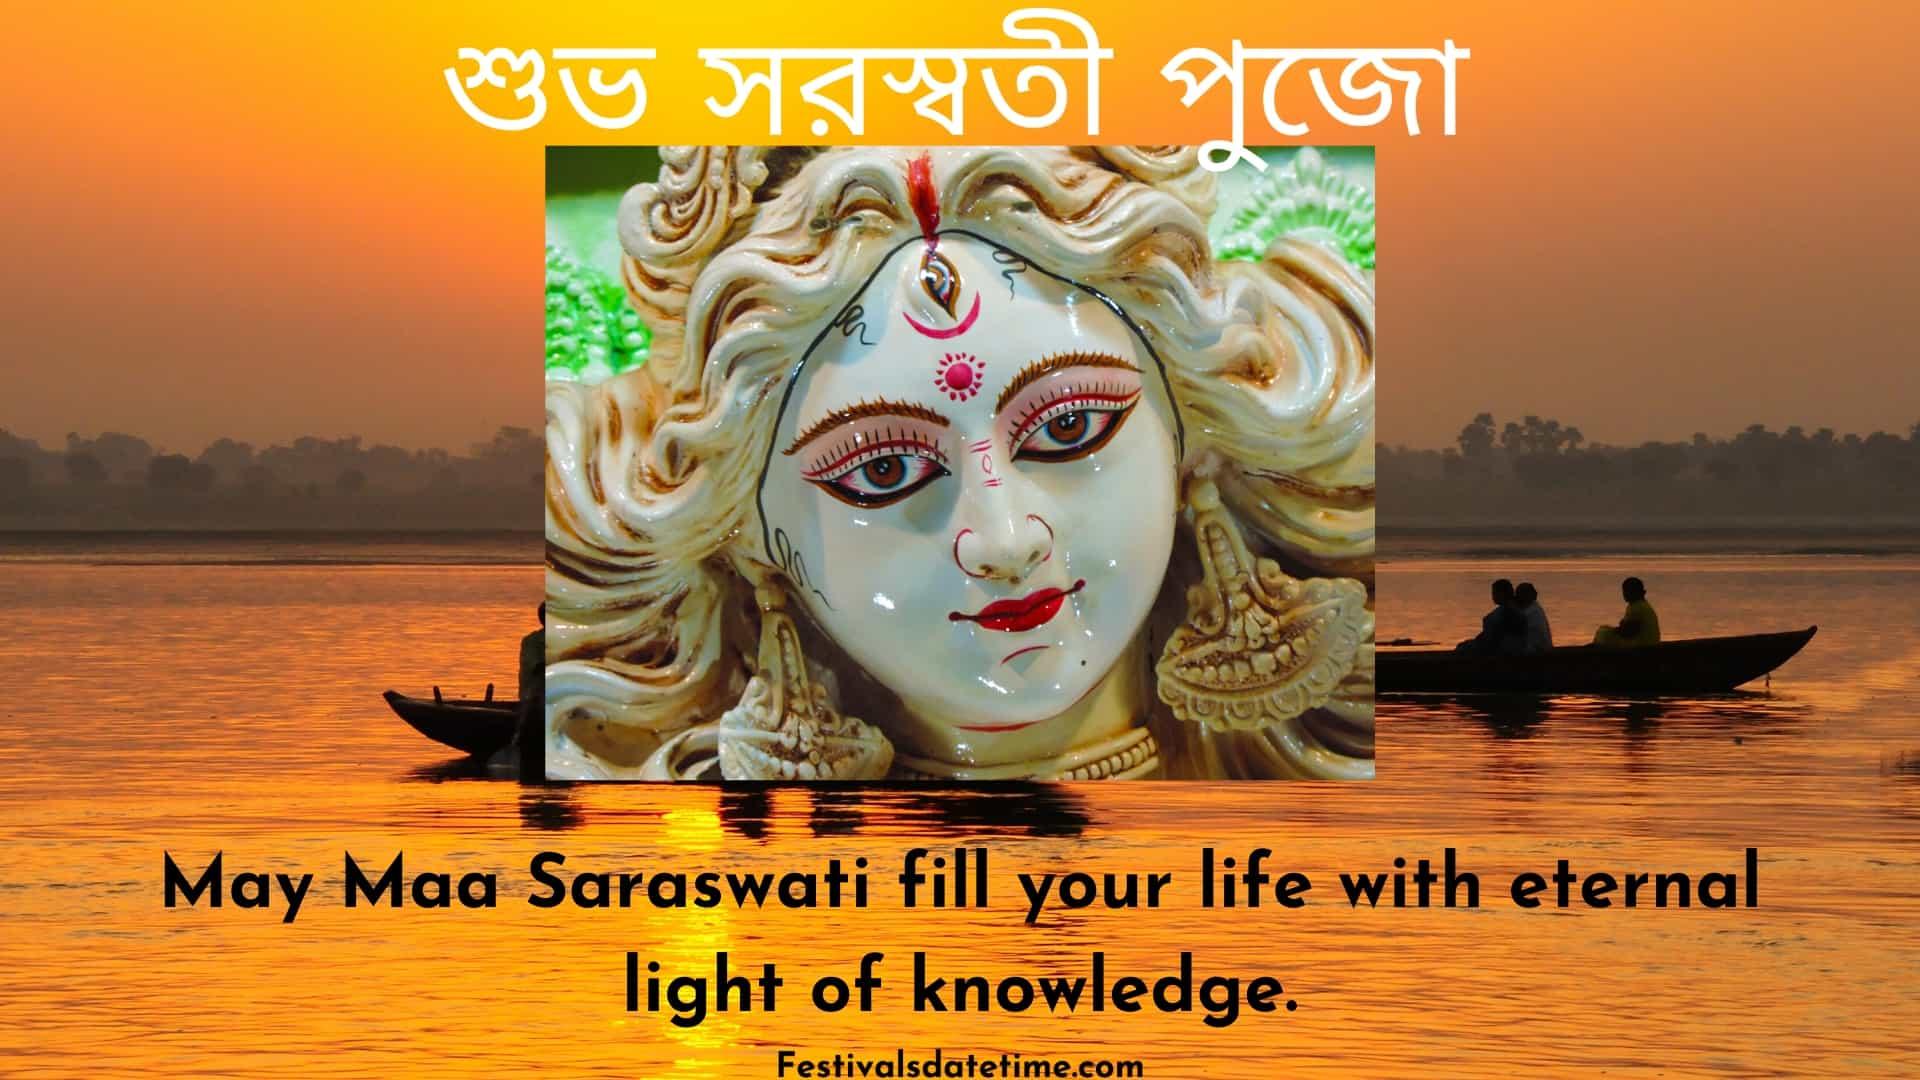 saraswati_puja_status_image